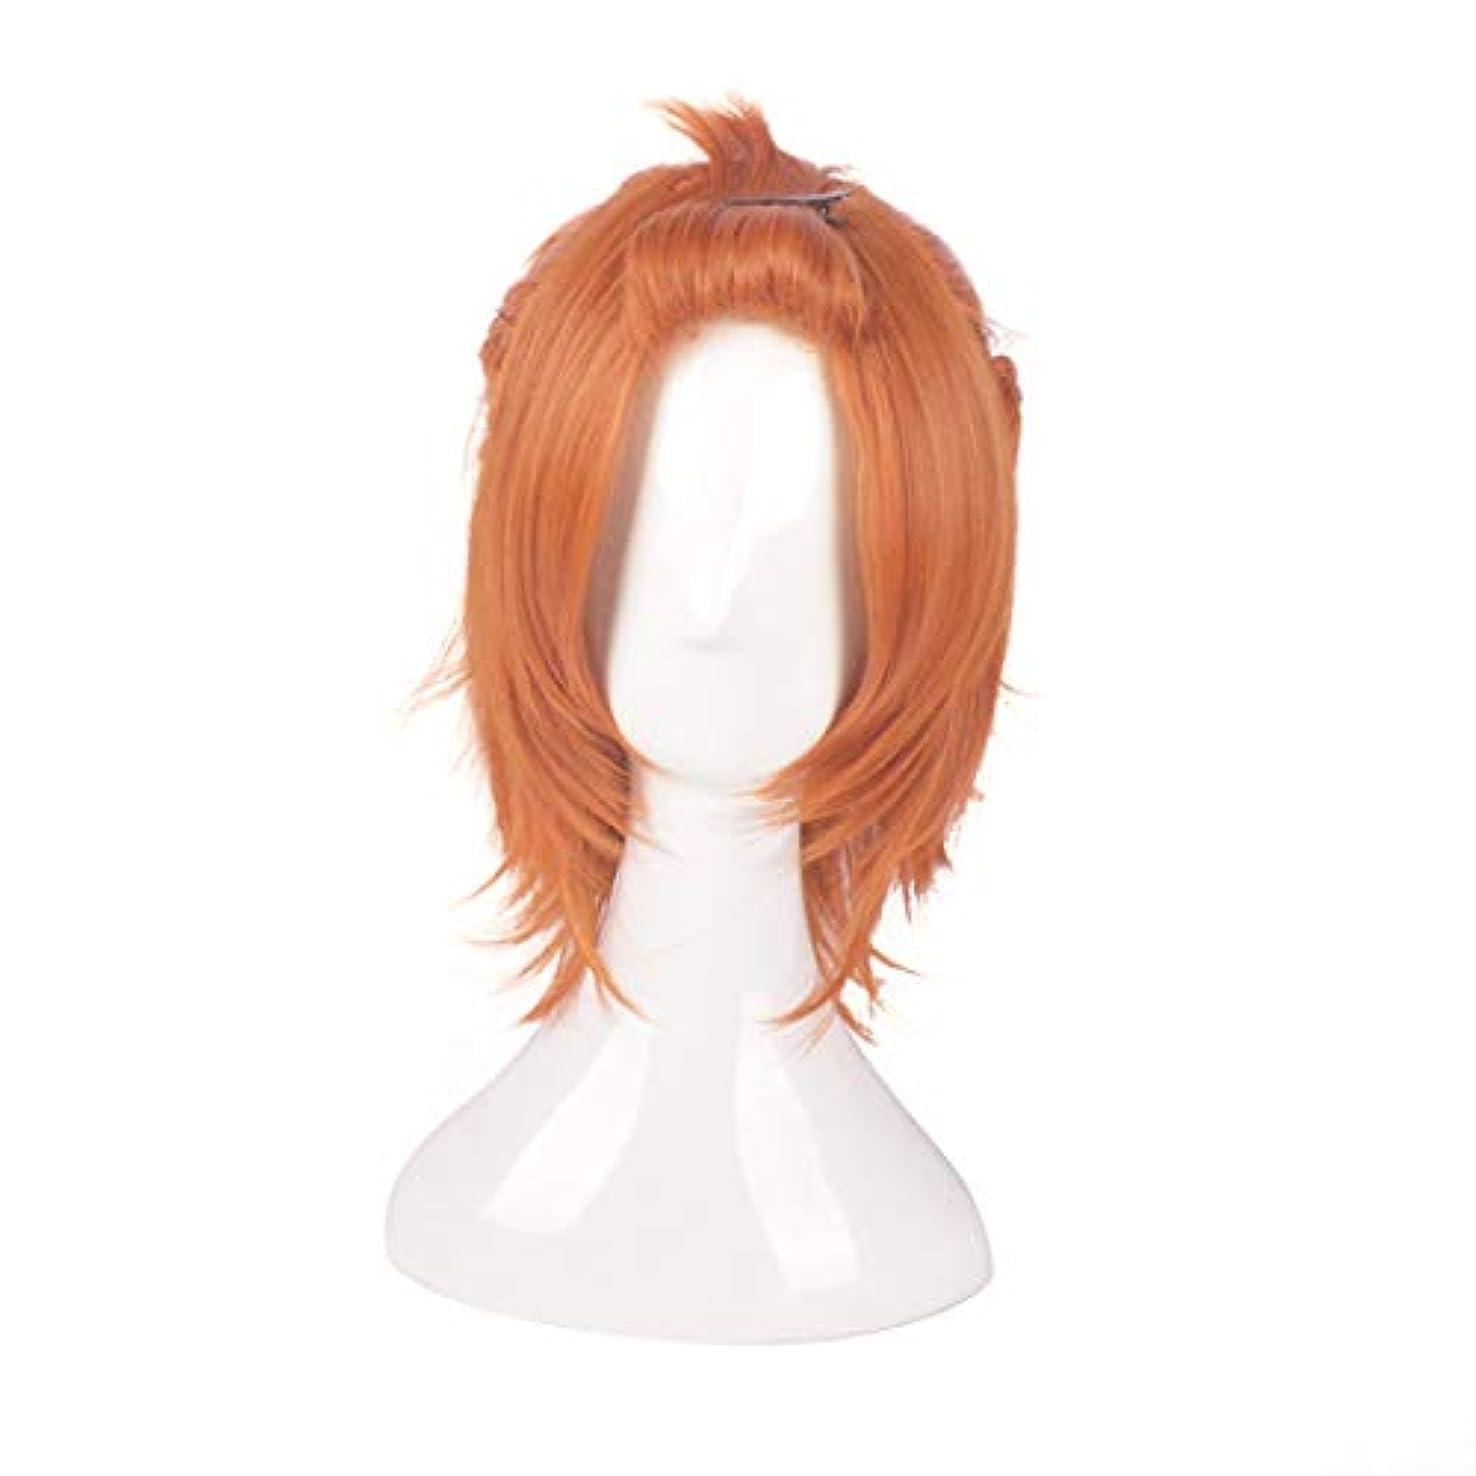 注意篭幸運JIANFU ショートヘアオレンジマイクロショートヘアヨーロッパとアメリカアニメスタイルウィッグコスプレウィッグ君のために (Color : オレンジ)